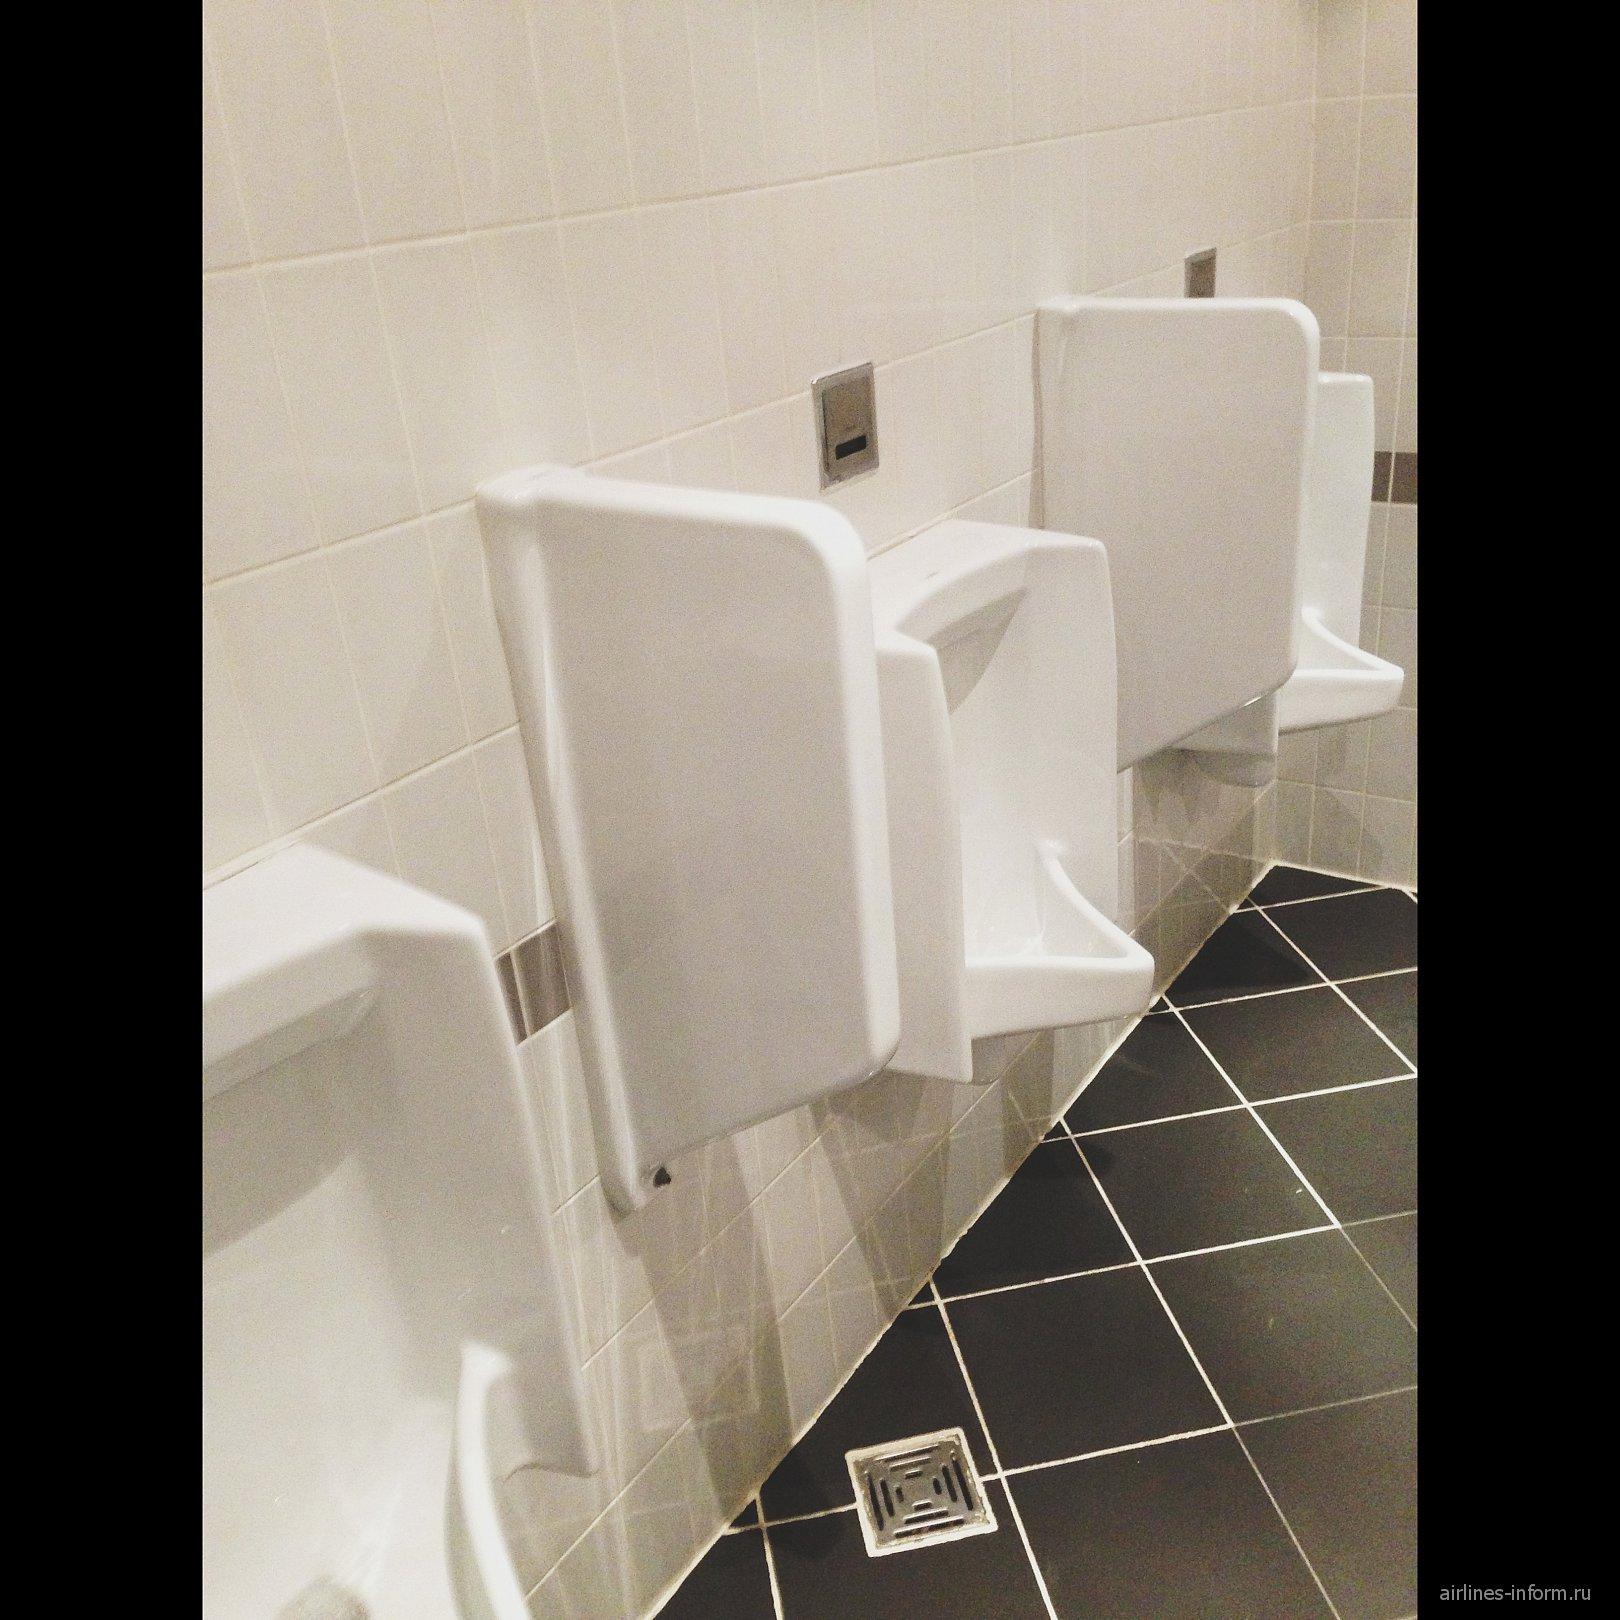 Туалеты в аэропорту Астана